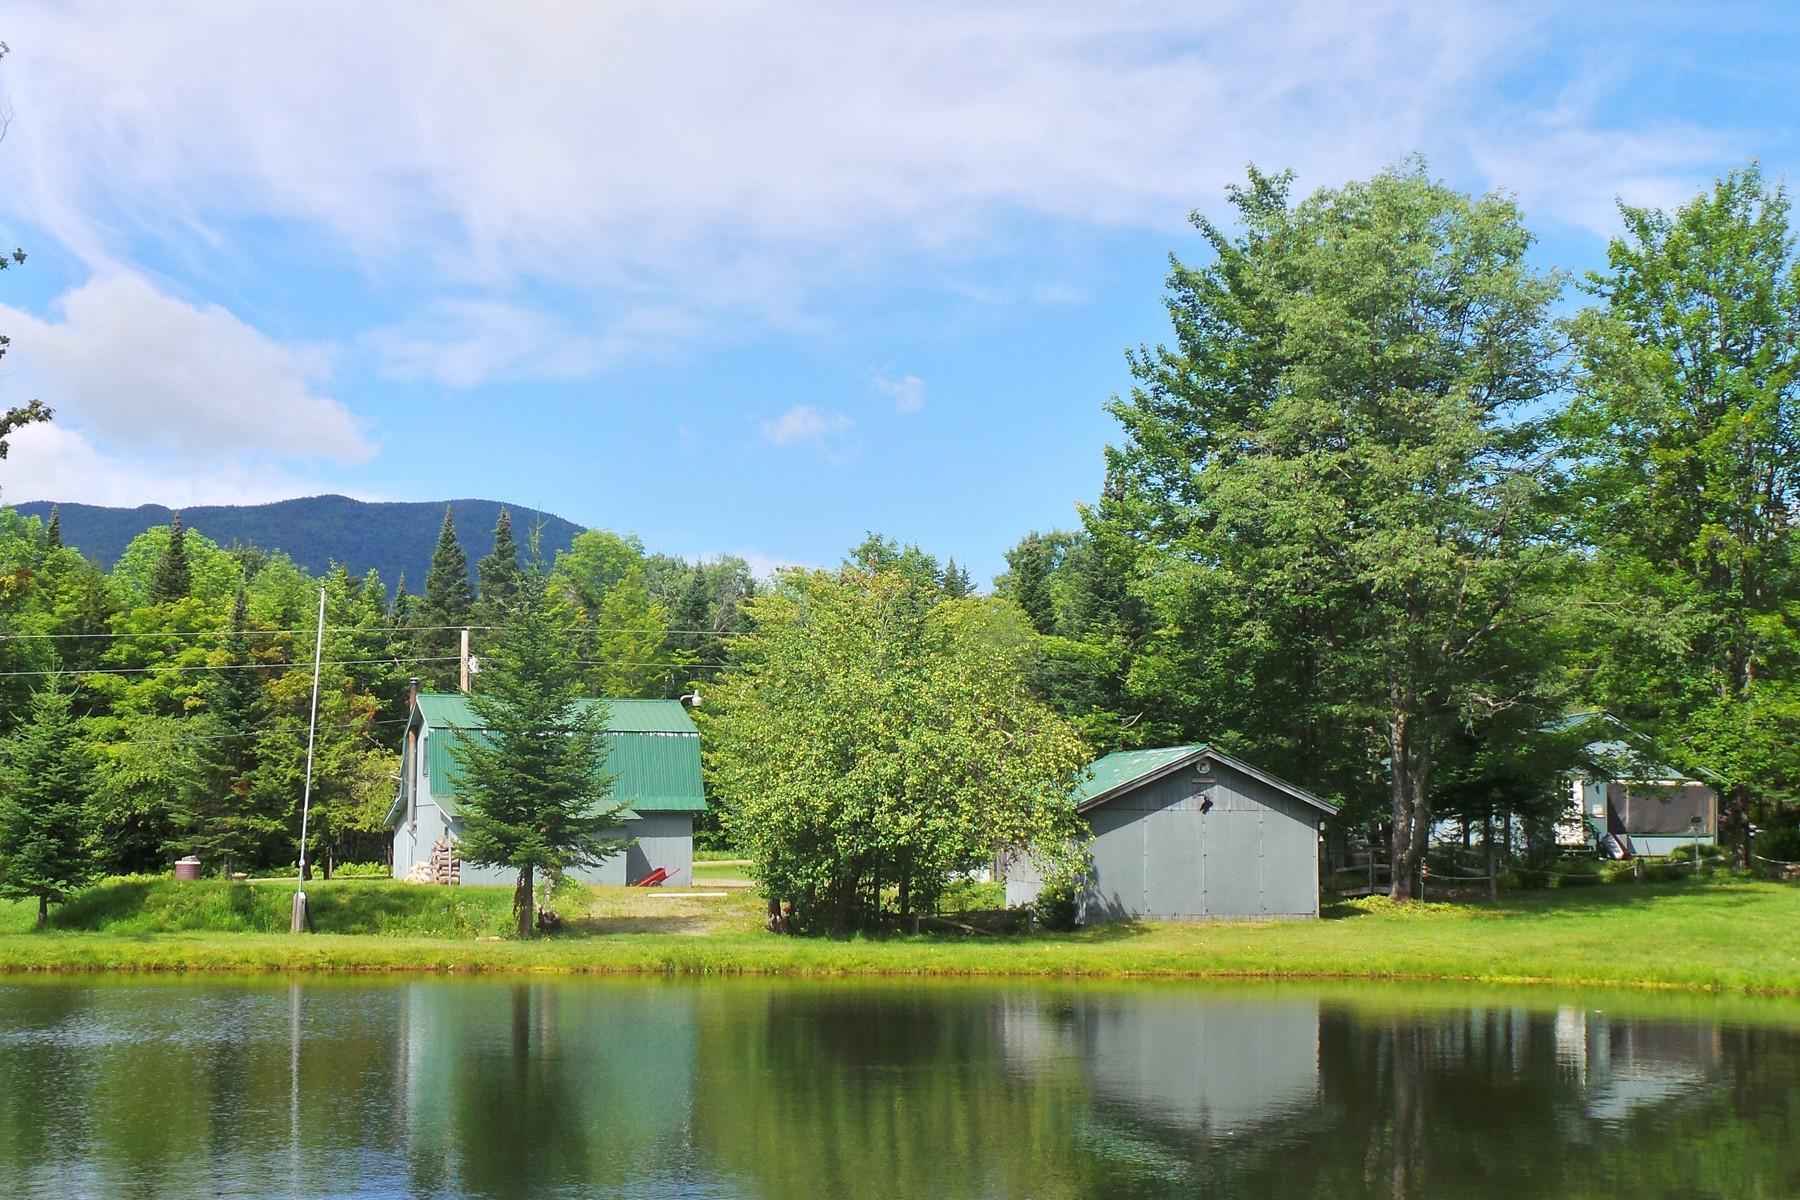 Casa Unifamiliar por un Venta en Balance Rock Home 3551 Balance Rock Rd Westfield, Vermont, 05874 Estados Unidos